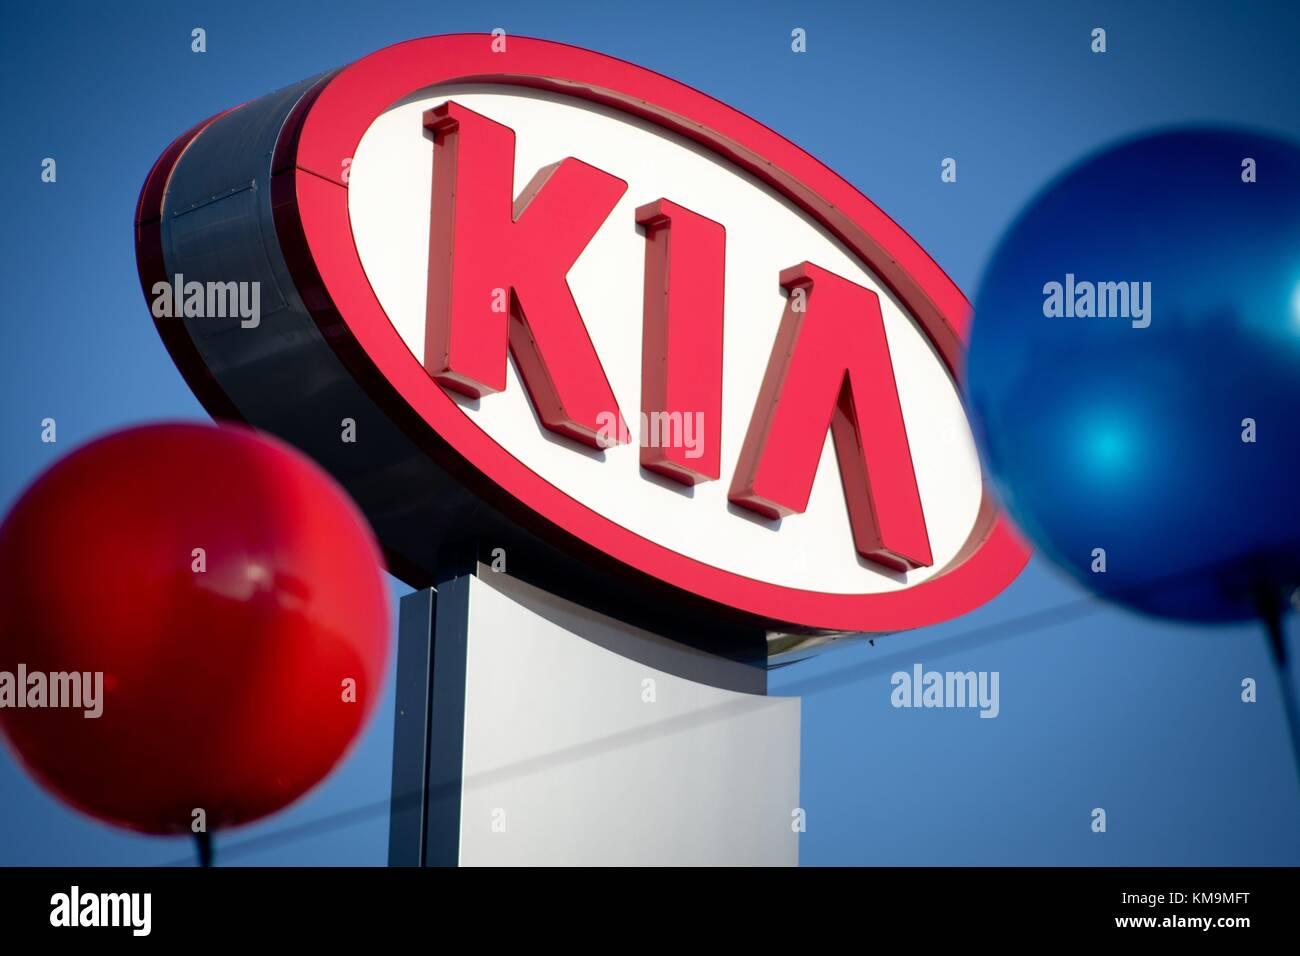 Kearny Pearson Kia >> Kia Logo At Kearny Pearson Kia Car Dealer In Kearny Mesa In San